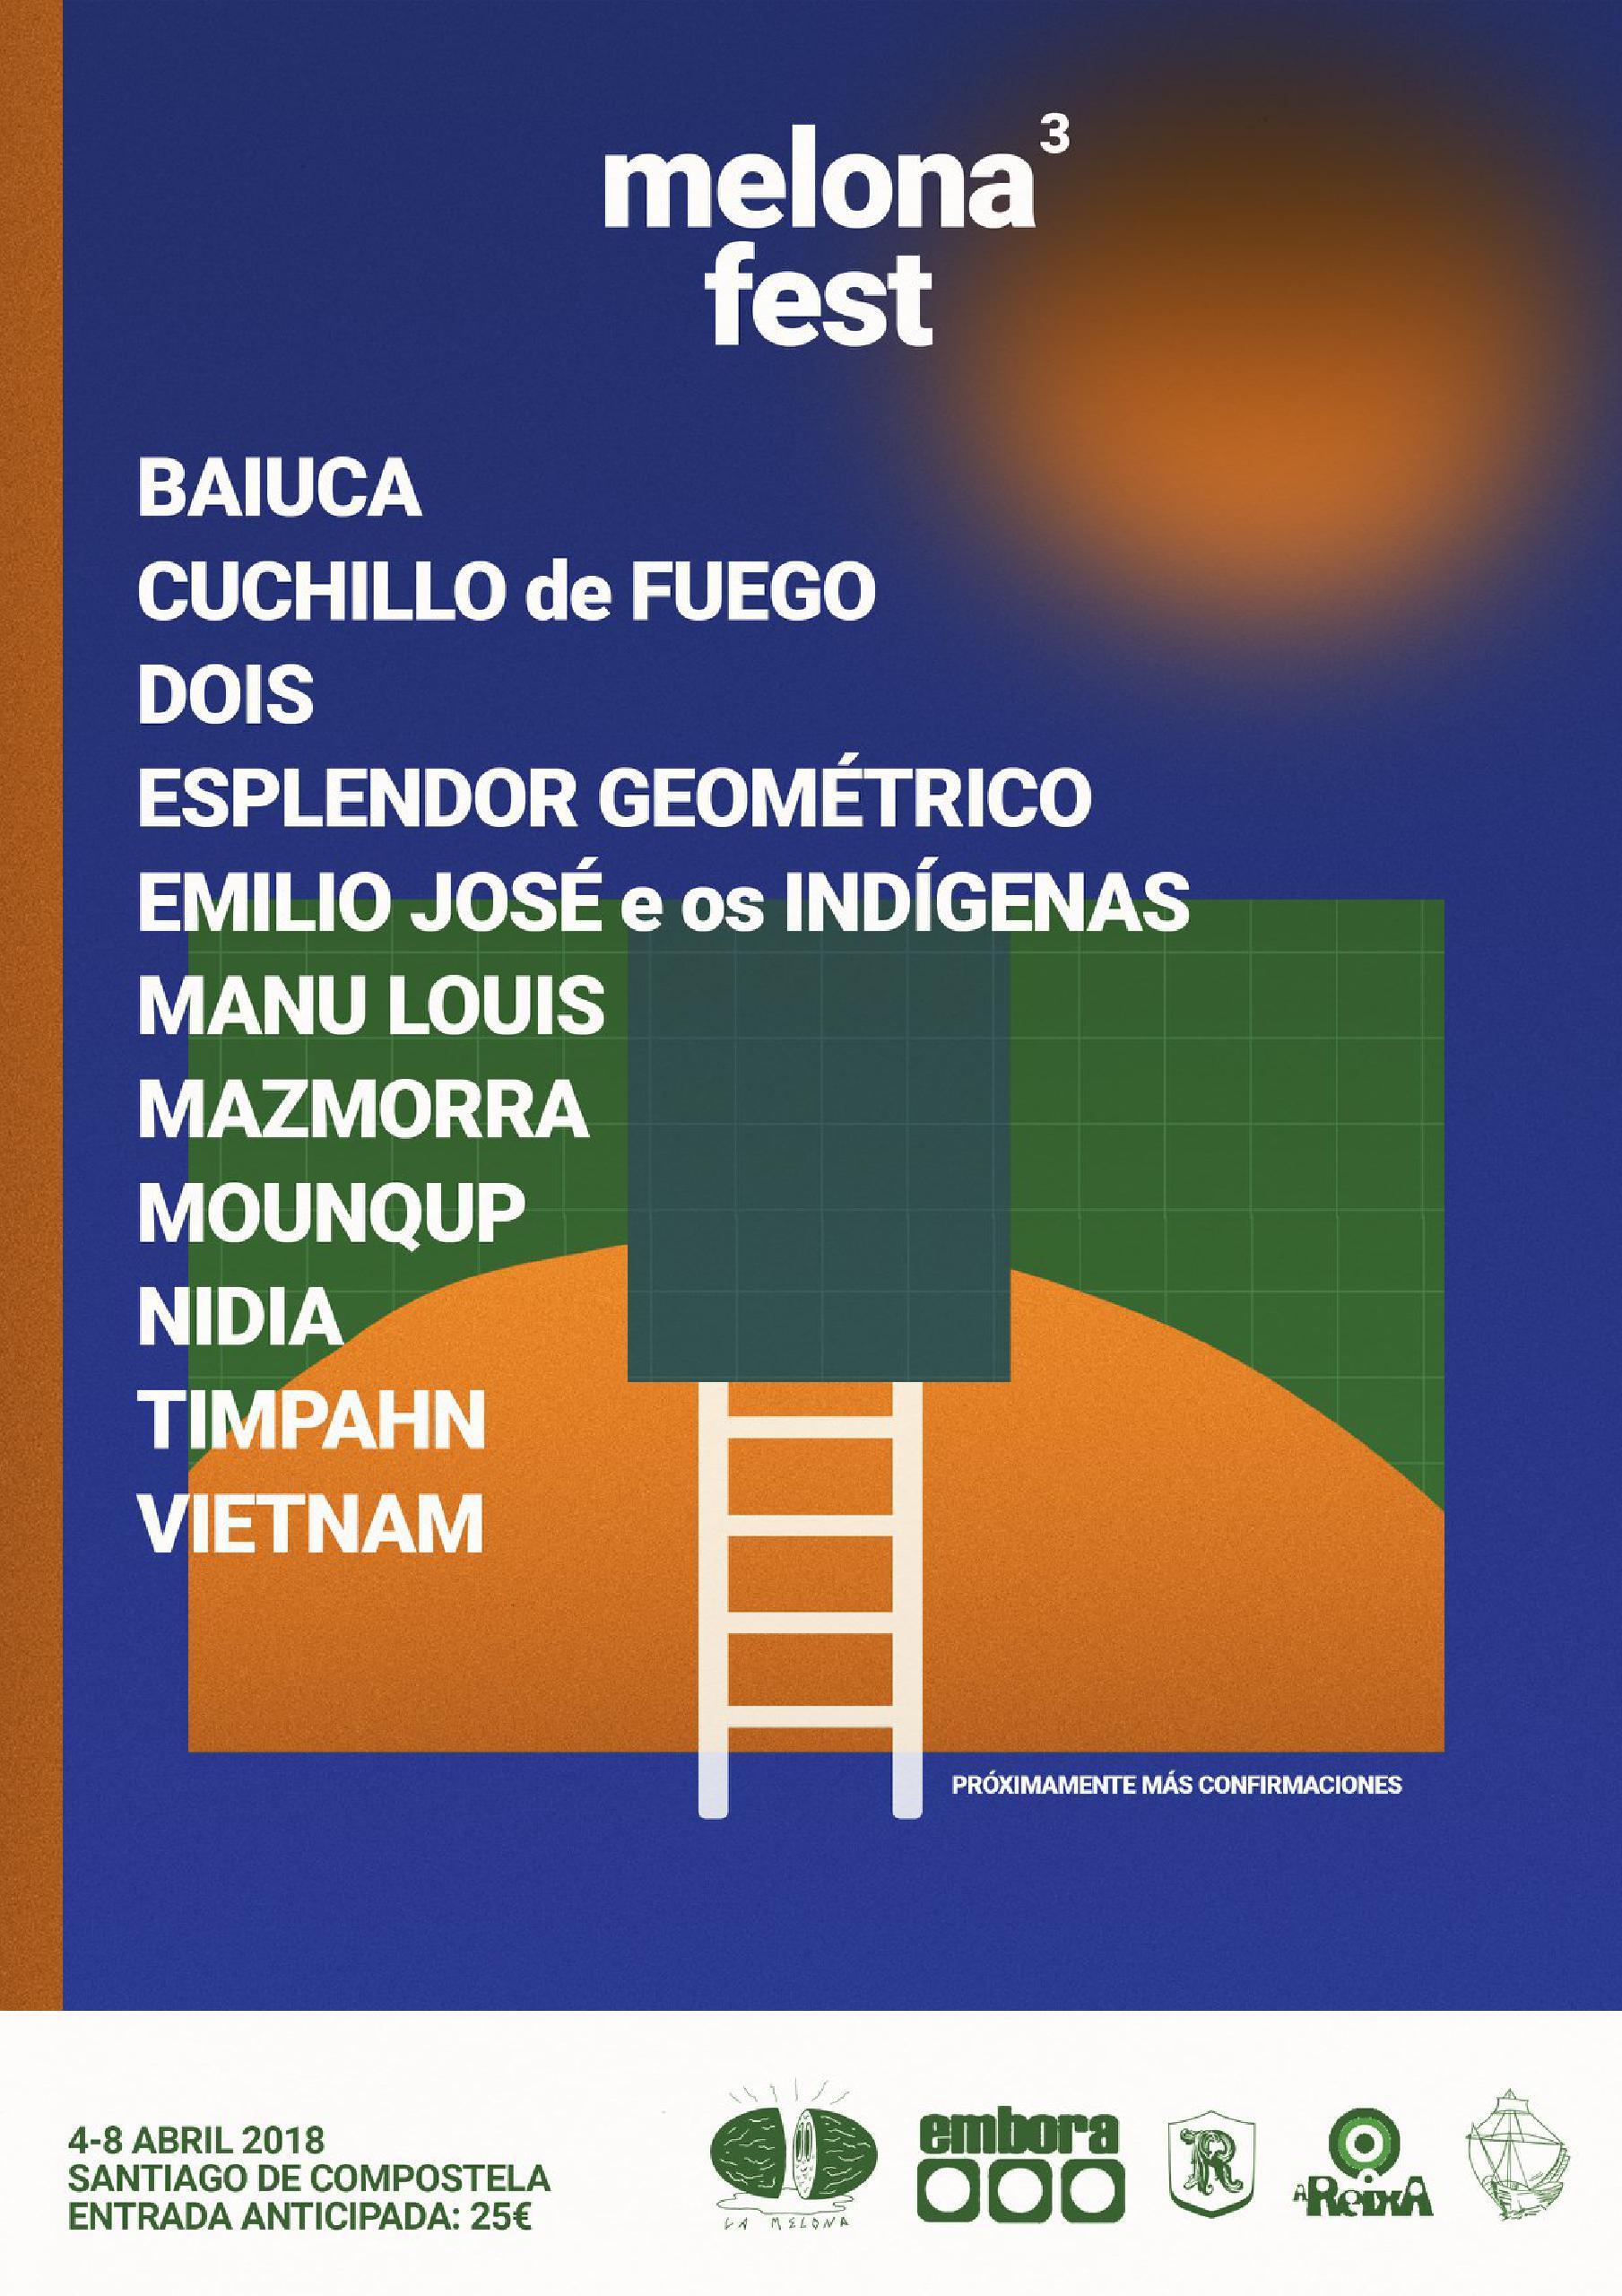 Cartel confirmaciones Melona Fest 2018